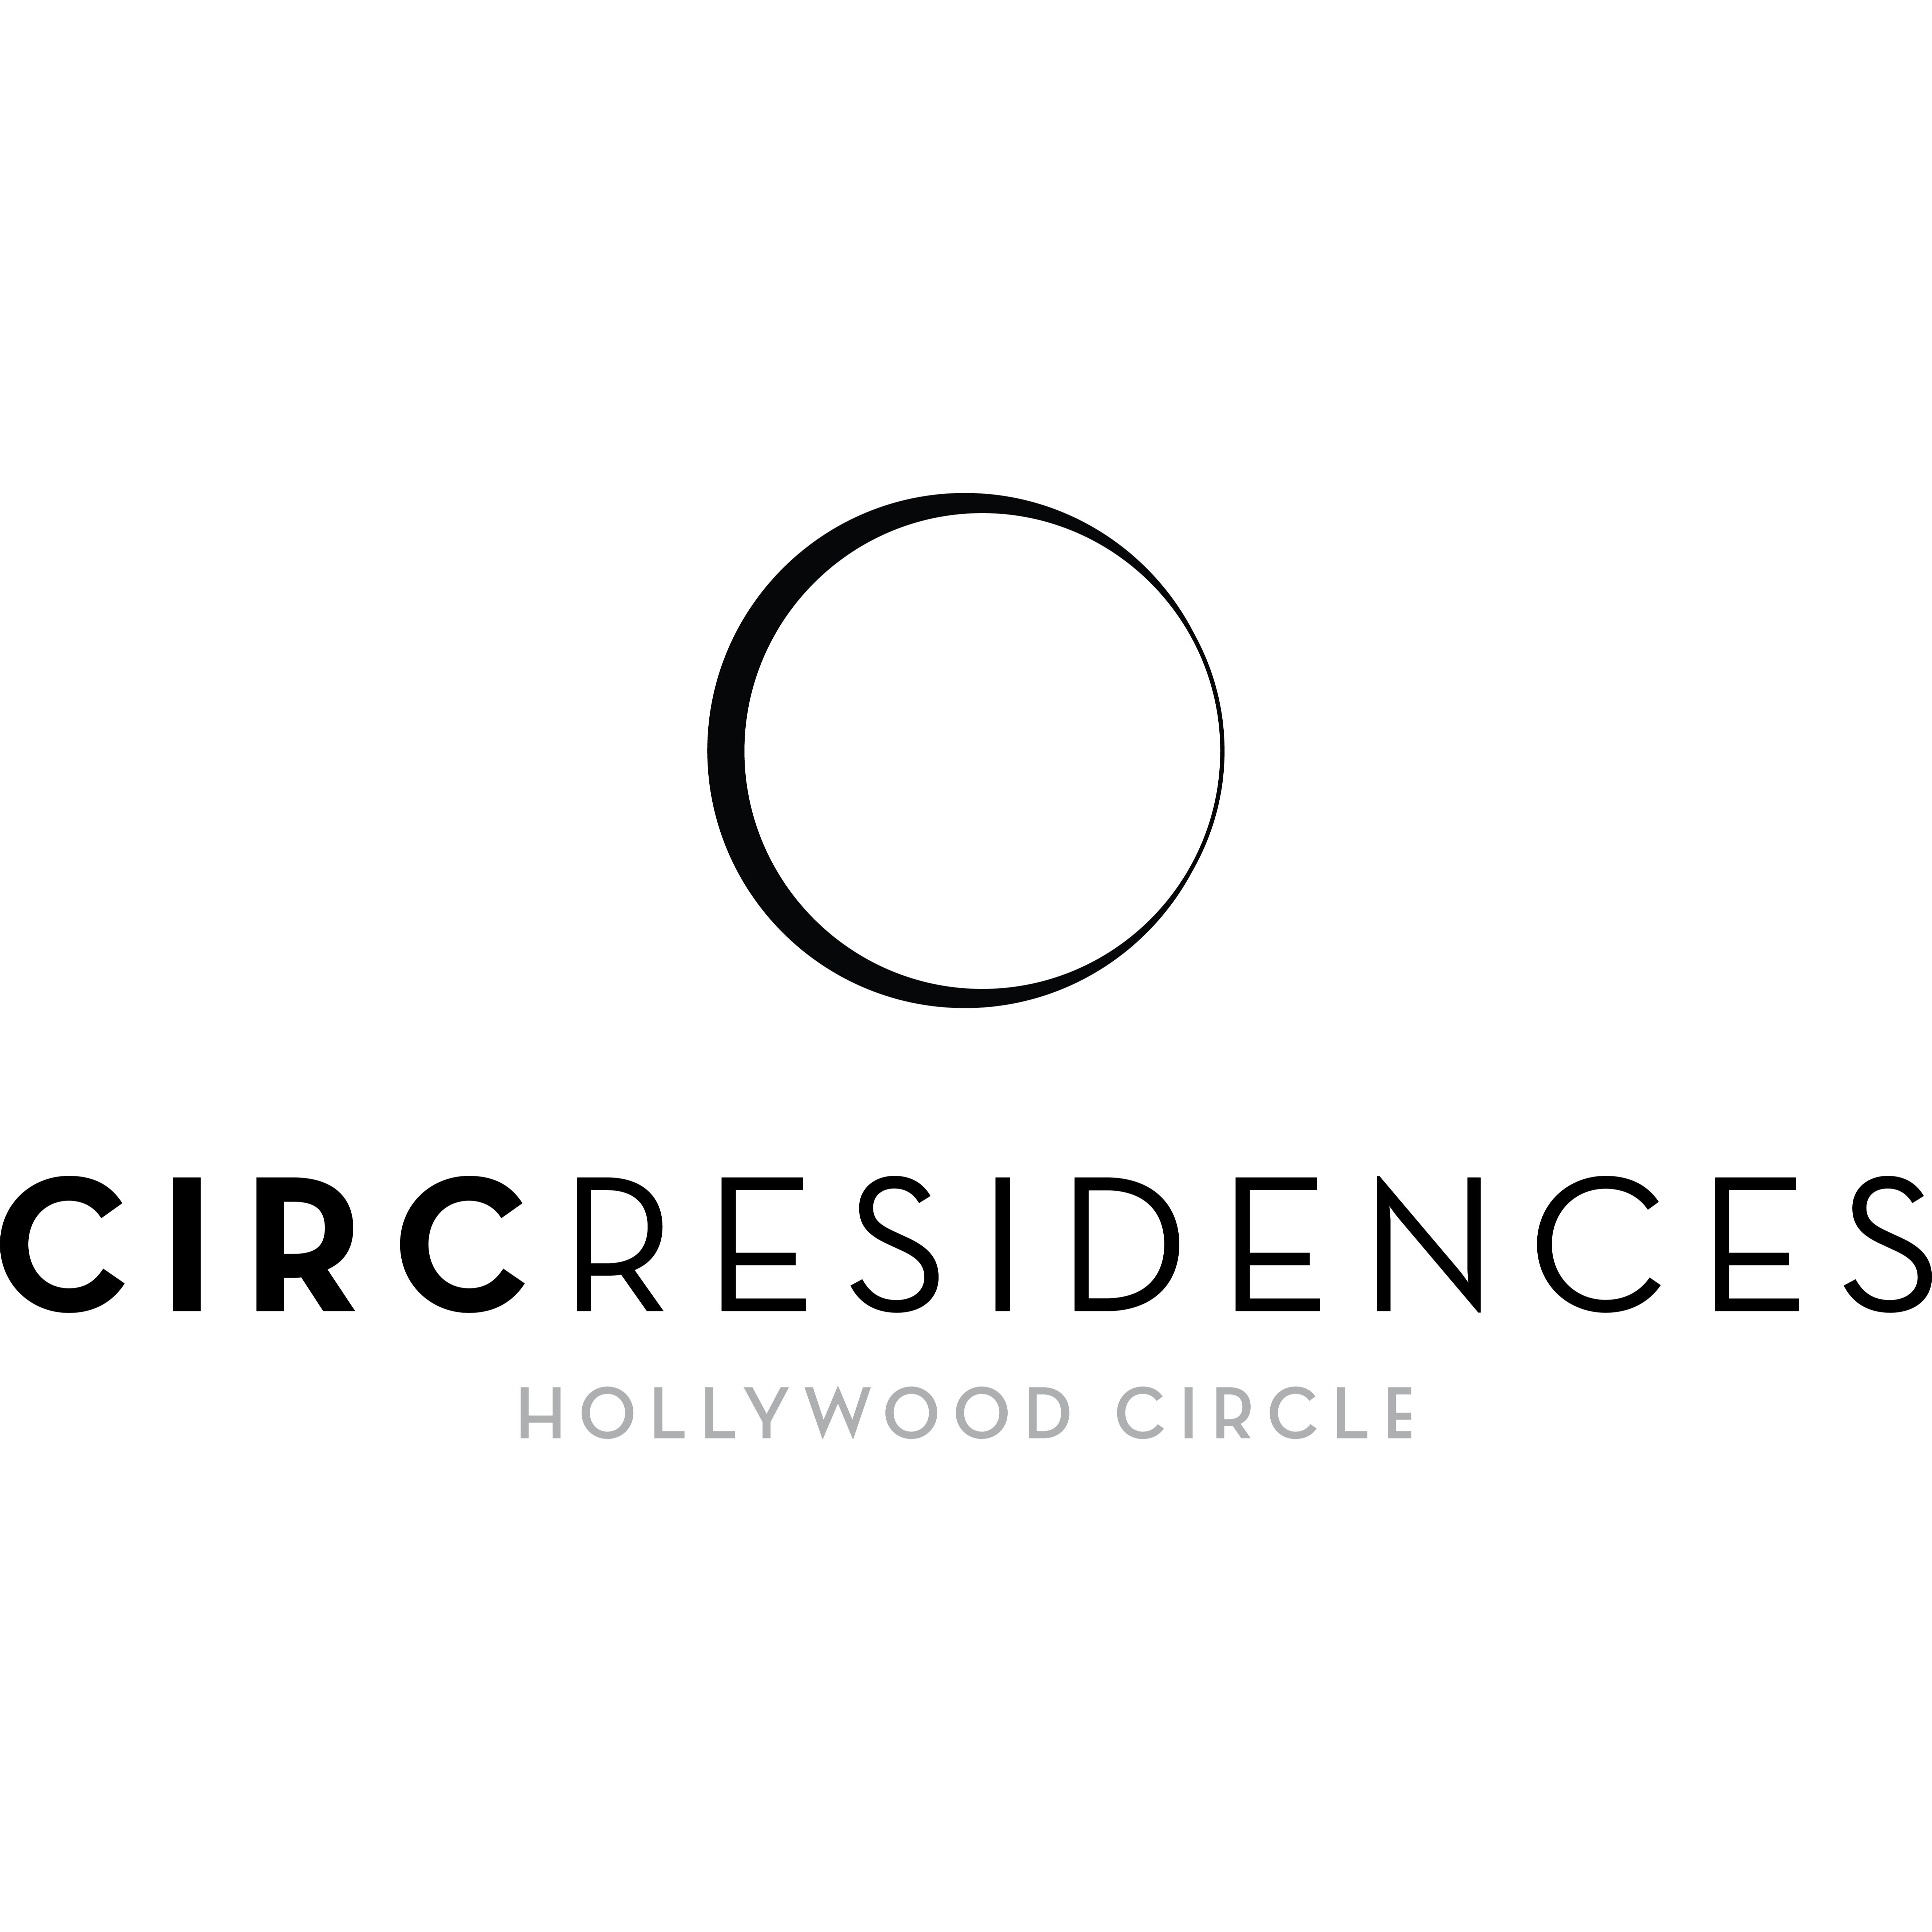 Circ Residences